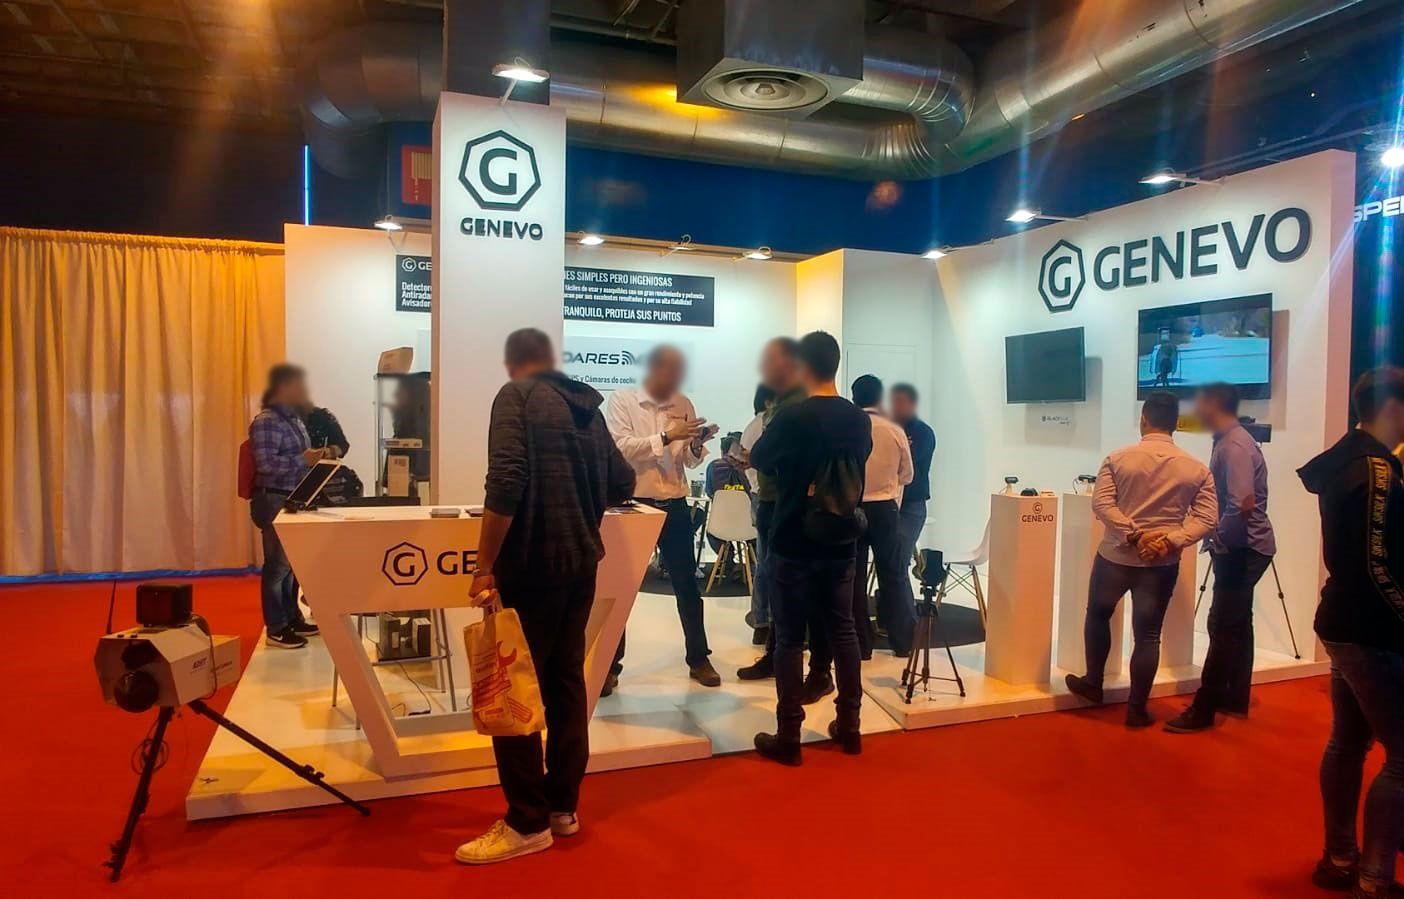 Genevo antiradar exito ventas mejor detector radar mercado